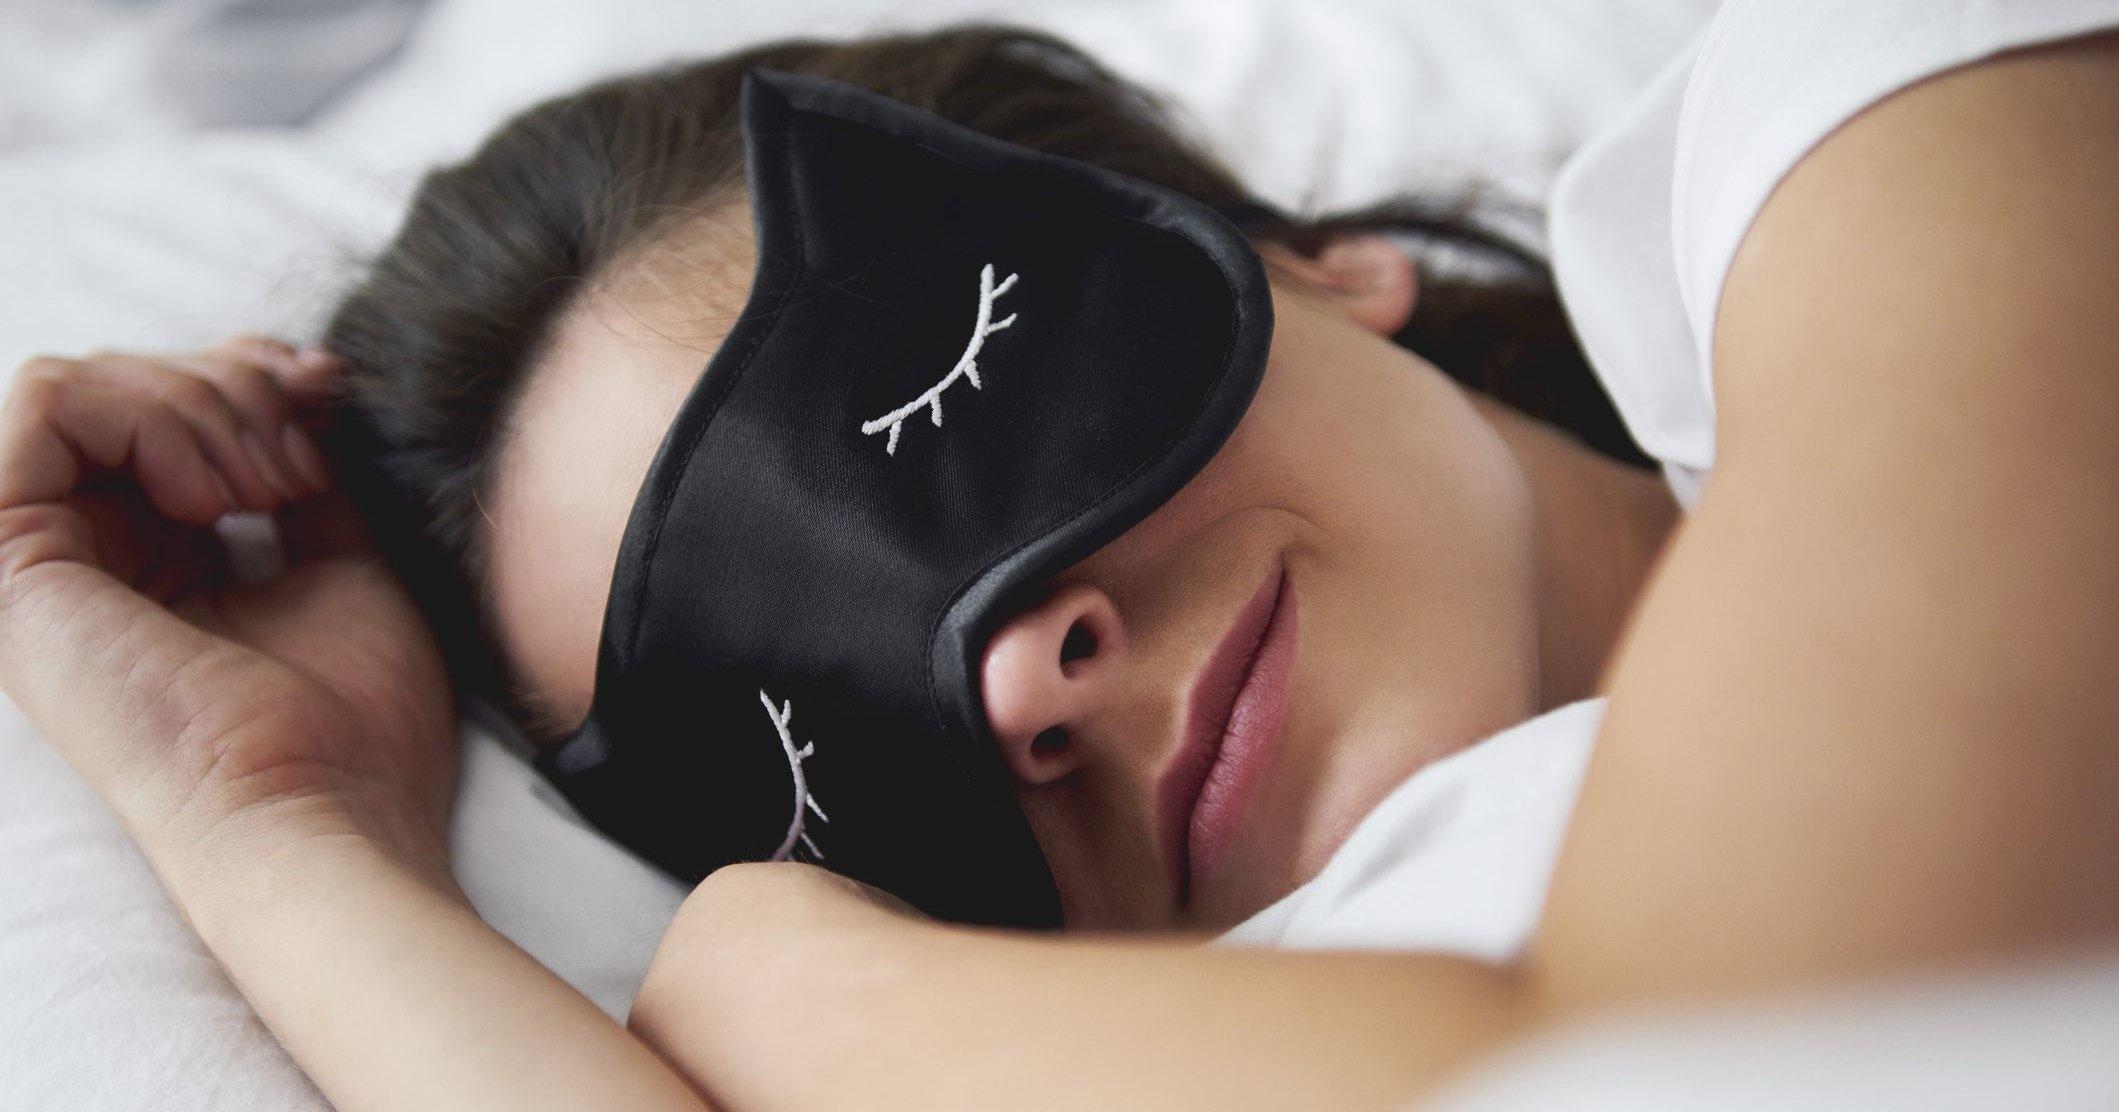 Как уснуть за одну минуту: видеоинструкция